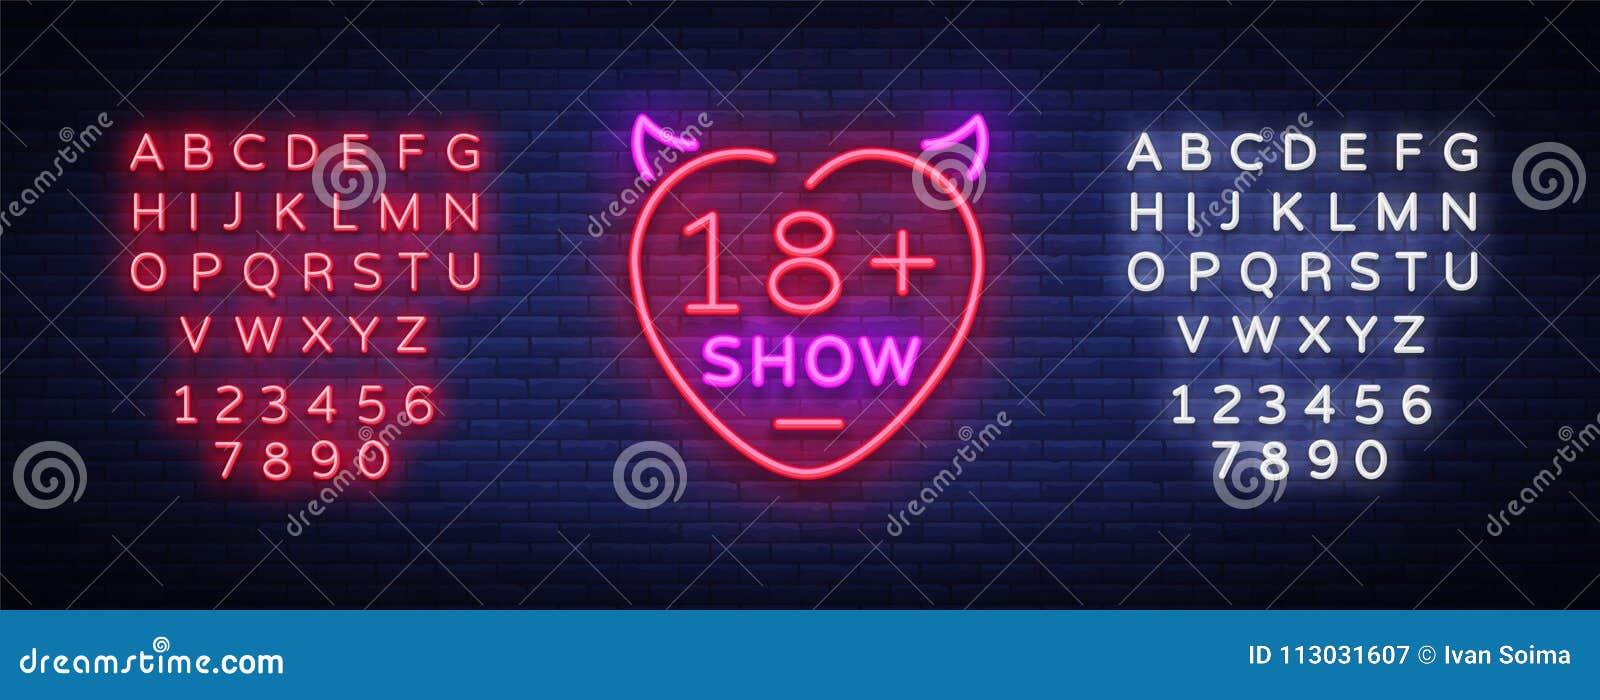 Könsbestämma showneontecknet Det ljusa nattbanret i neonstil, neonaffischtavlor för annonsering könsbestämmer shower, sexshopen,